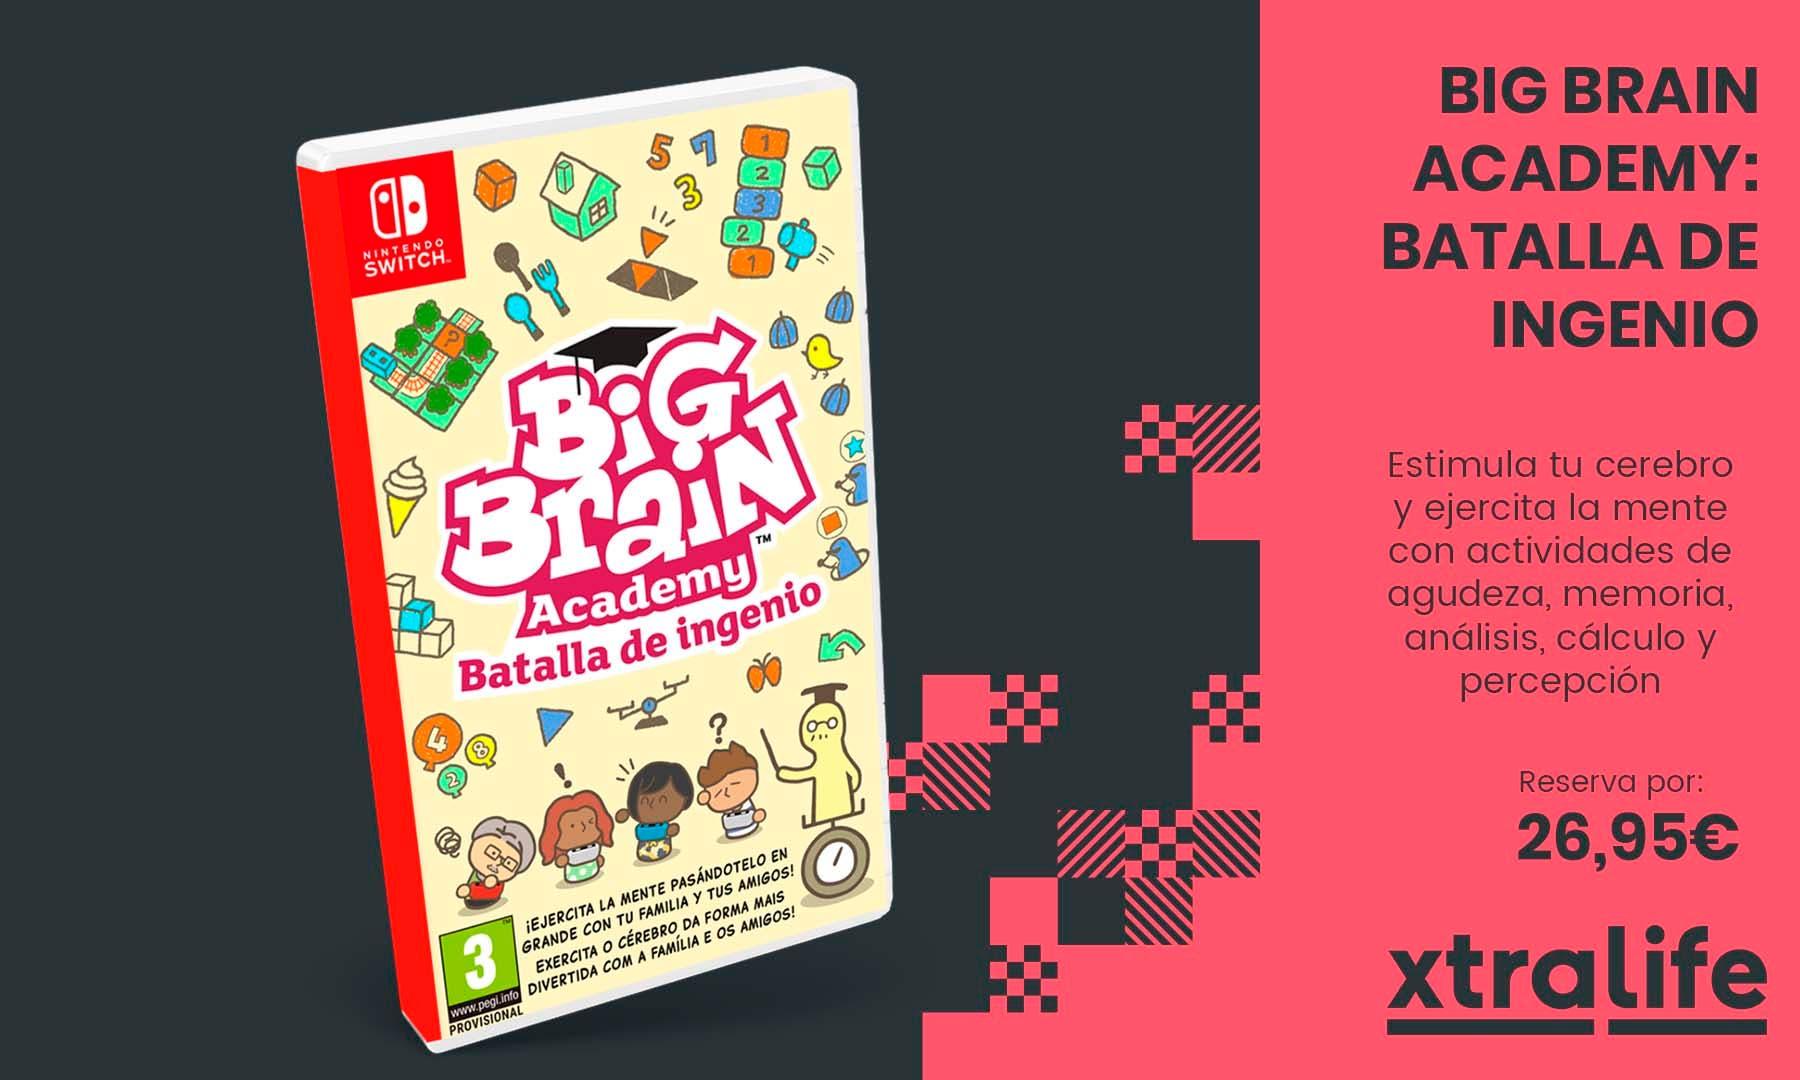 Estimula tu cerebro con Big Brain Academy: Batalla De Ingenio desde tu Nintendo Switch